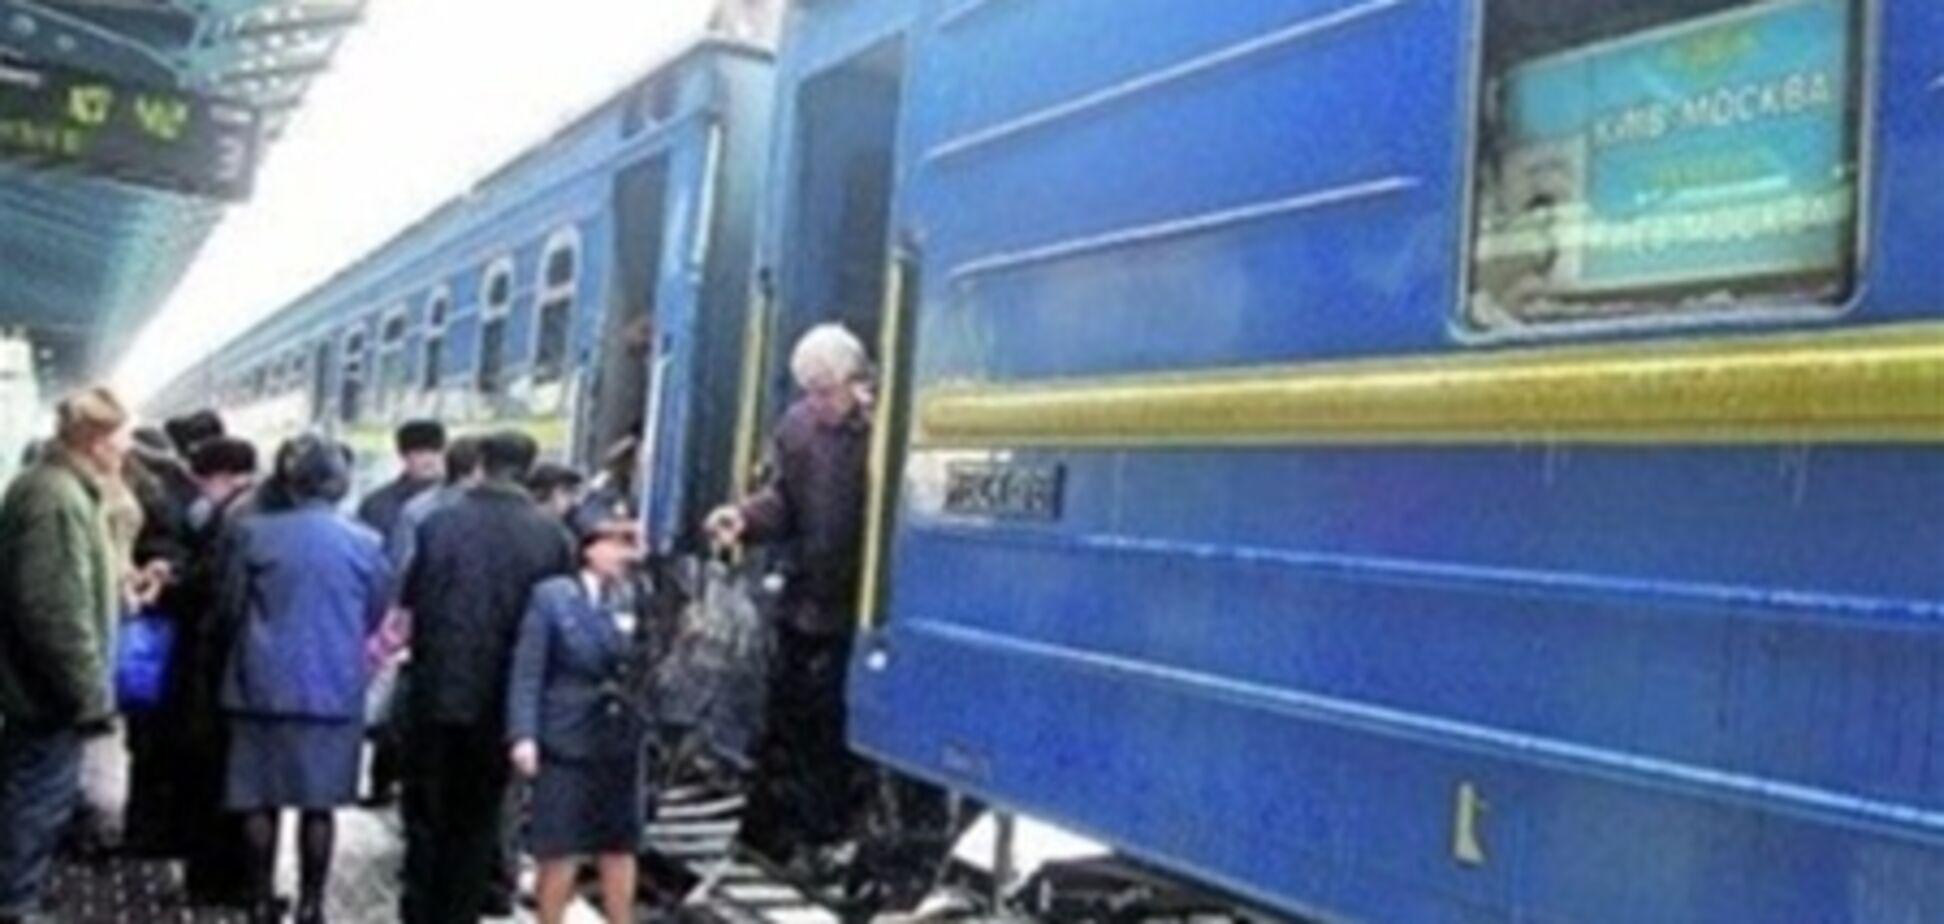 Проводник поезда 'Киев-Москва' наклеил на себя скотчем $20 тысяч